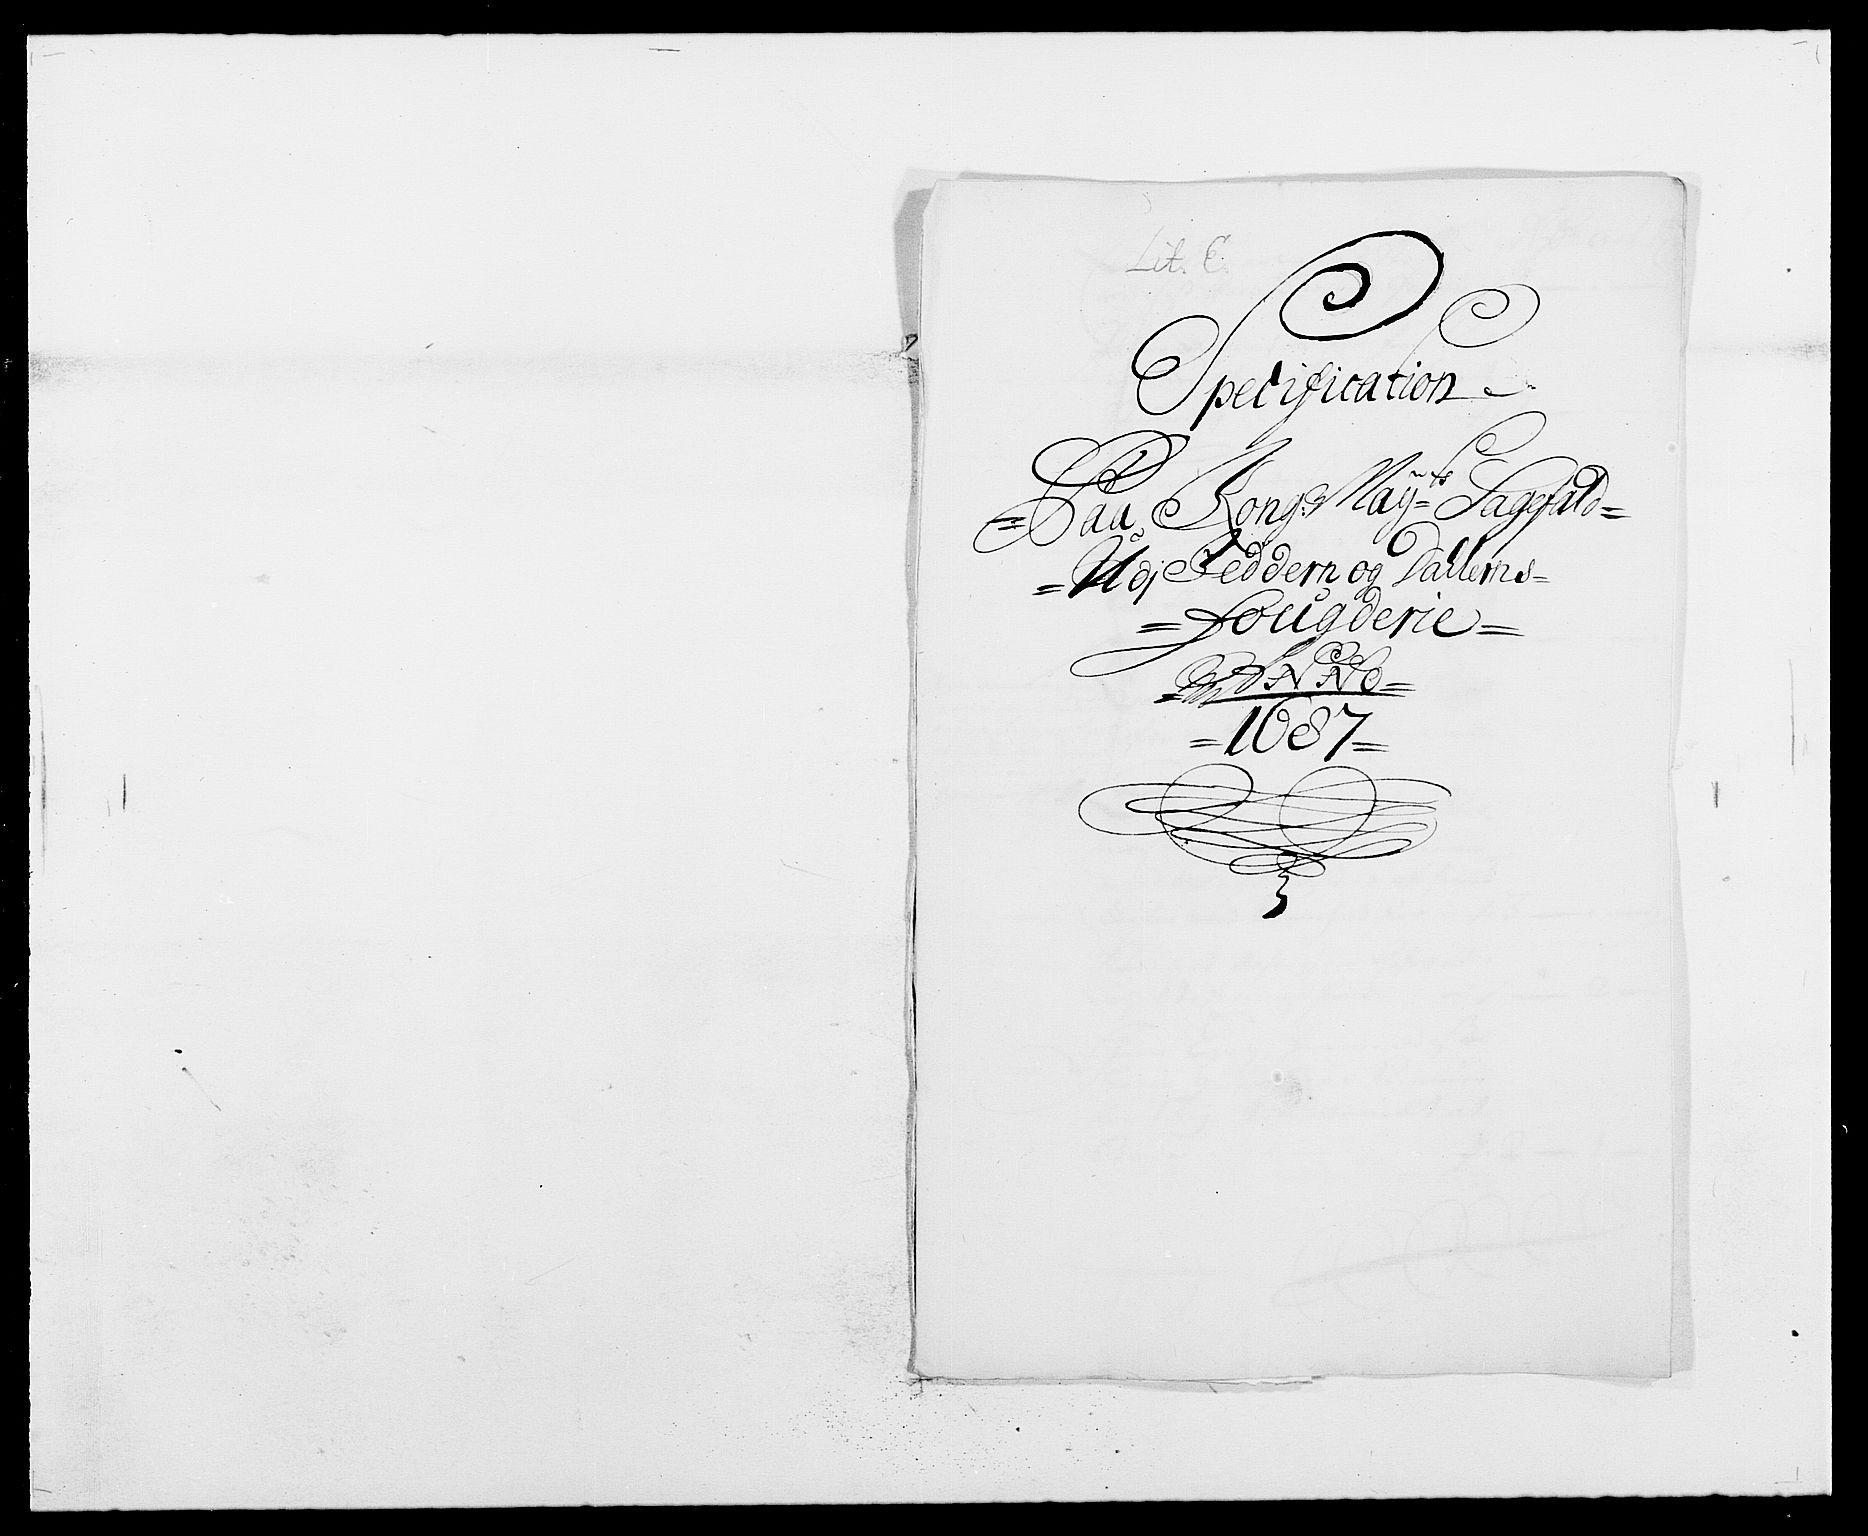 RA, Rentekammeret inntil 1814, Reviderte regnskaper, Fogderegnskap, R46/L2726: Fogderegnskap Jæren og Dalane, 1686-1689, s. 197